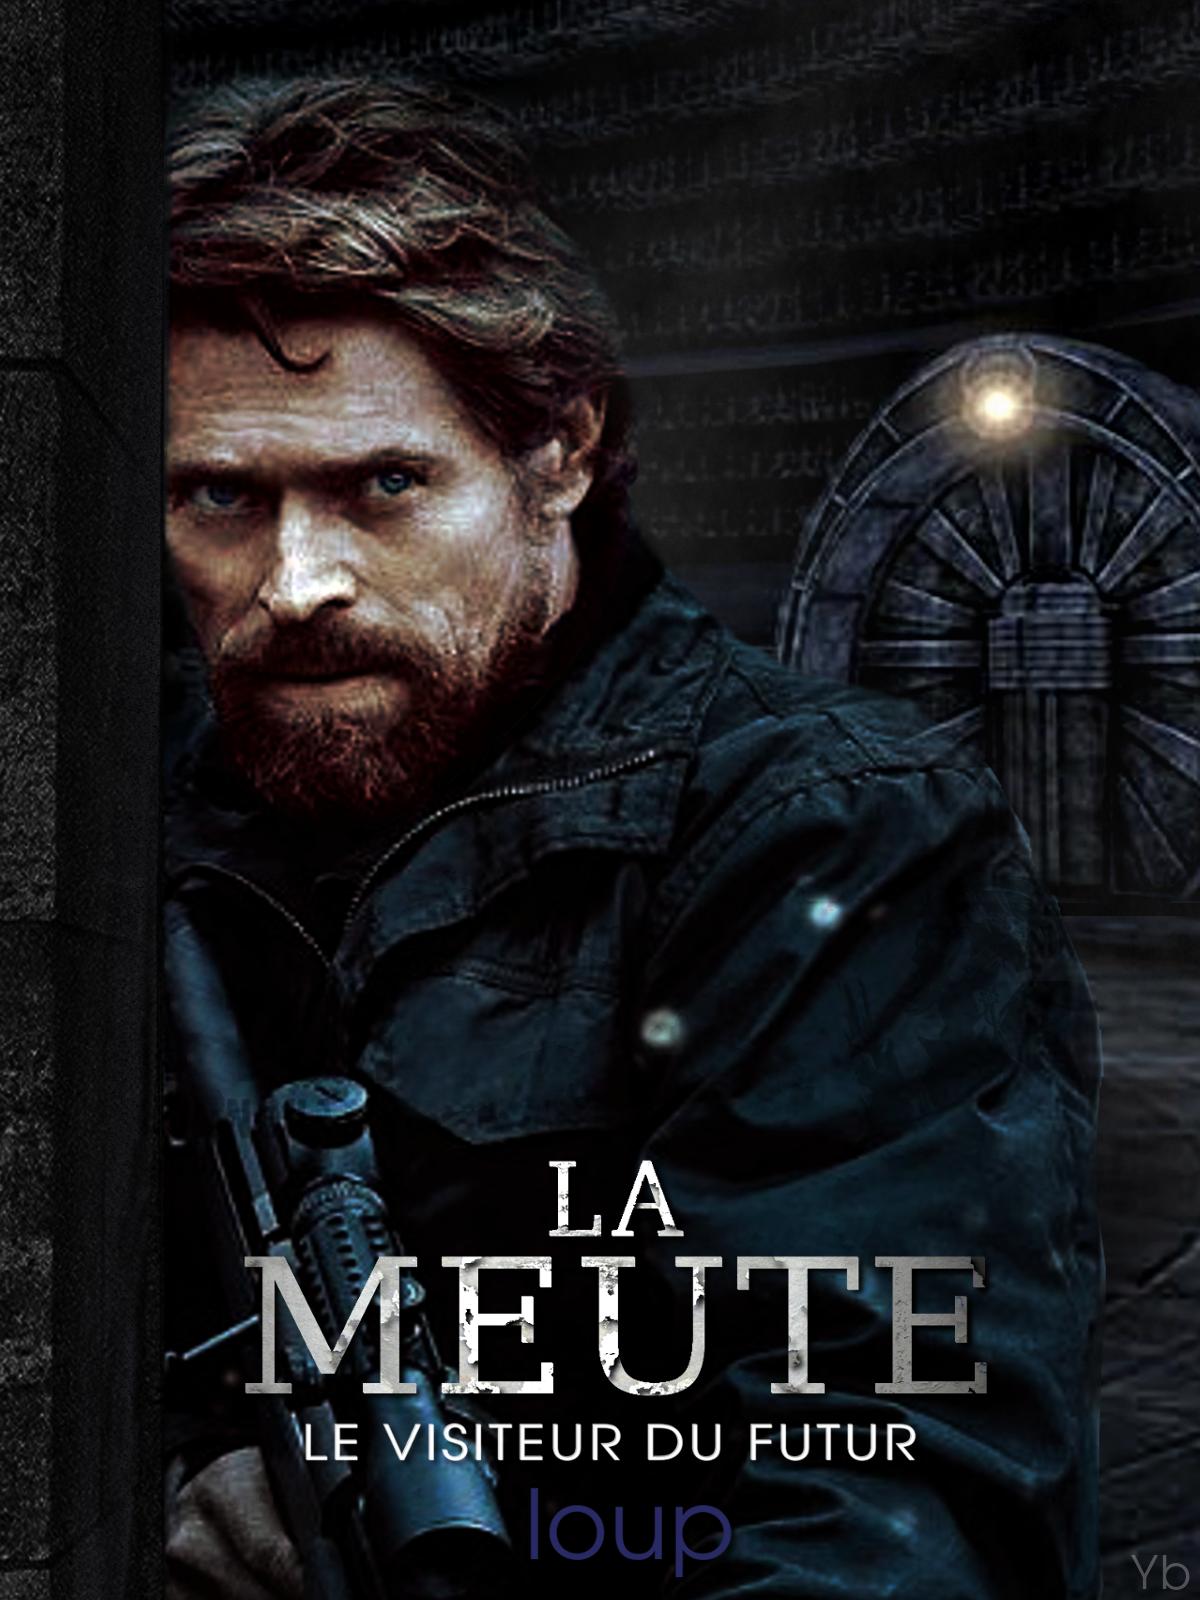 La Gazette de Néo-Versailles : Concours de Fan-art La Meute  (N°9 - Février 2015) 01_Loup04